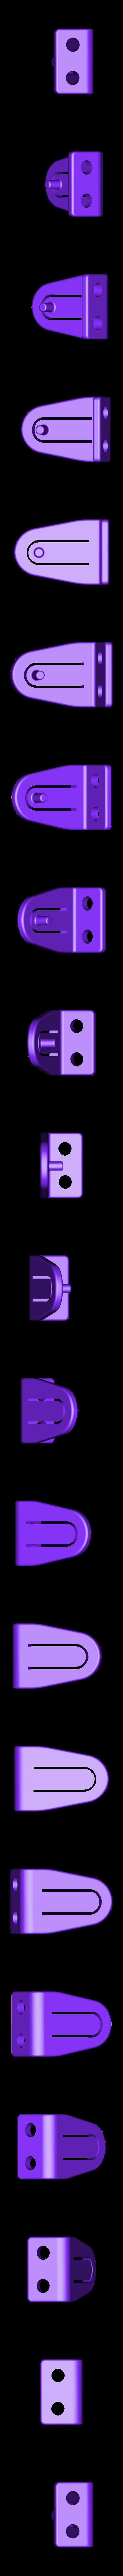 Miniblind hold down bracket v2.STL Download STL file Miniblind bracket • 3D printing model, RSI